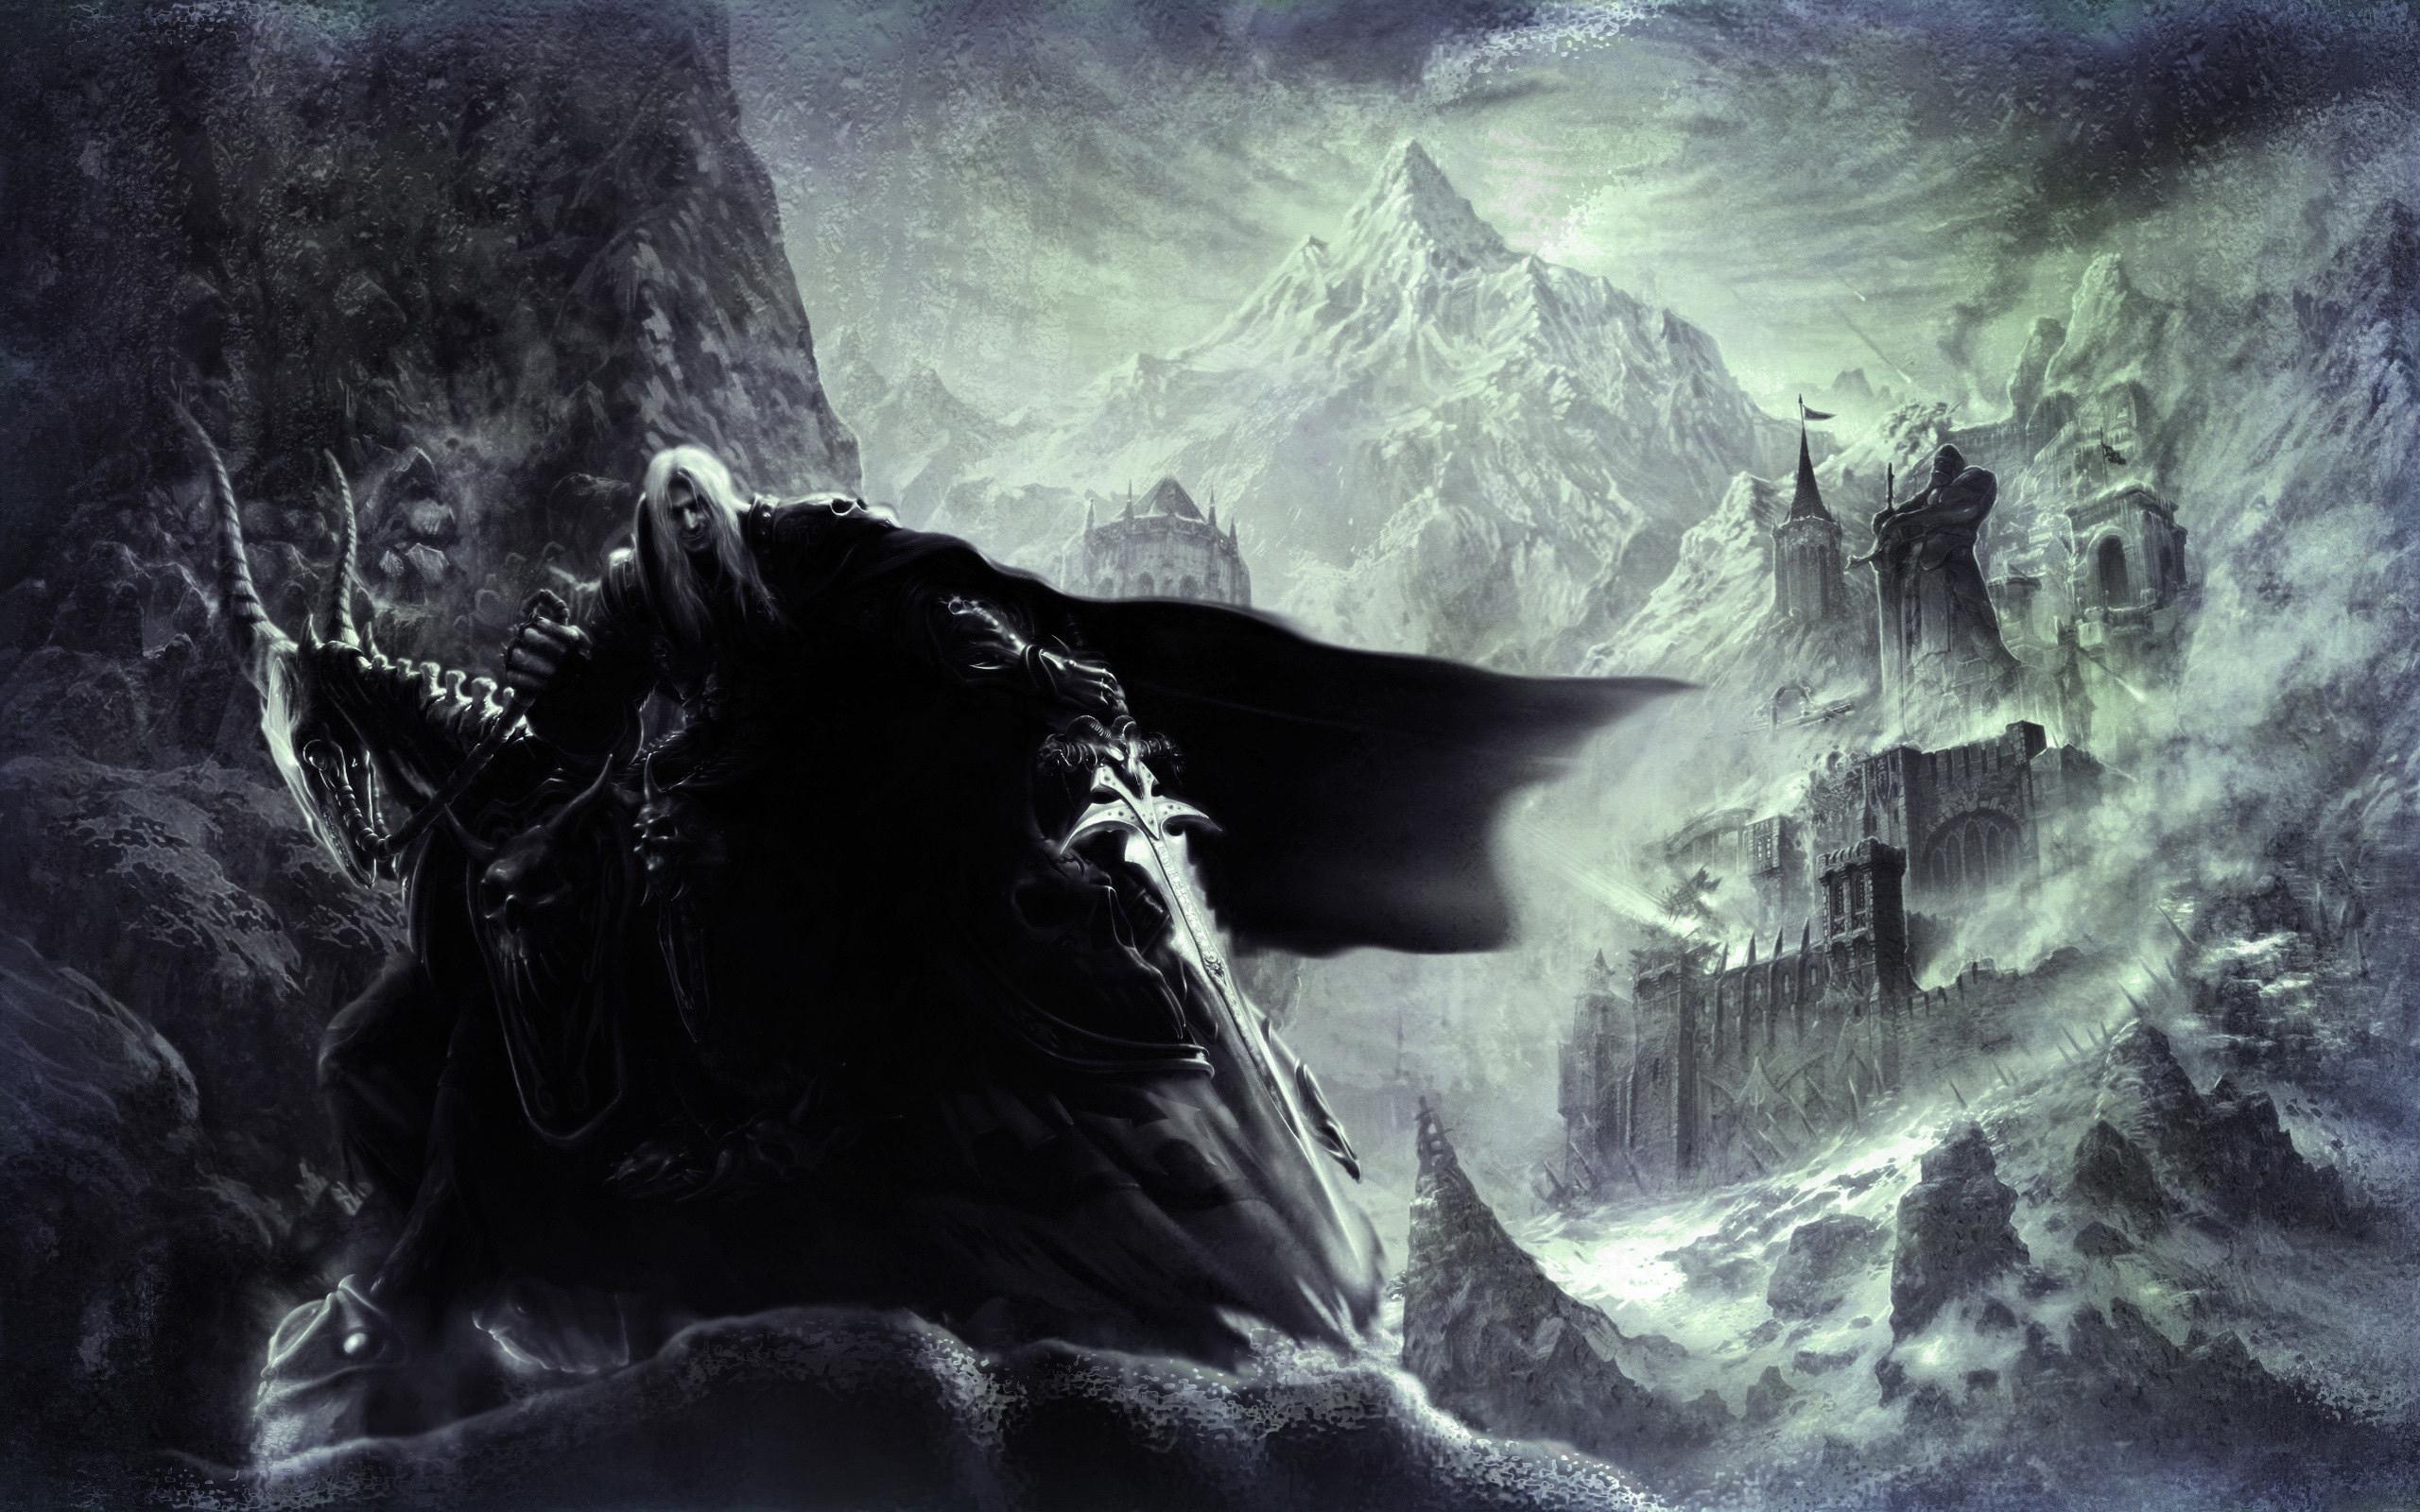 Статуя, горы, плащ, артес обои скачать